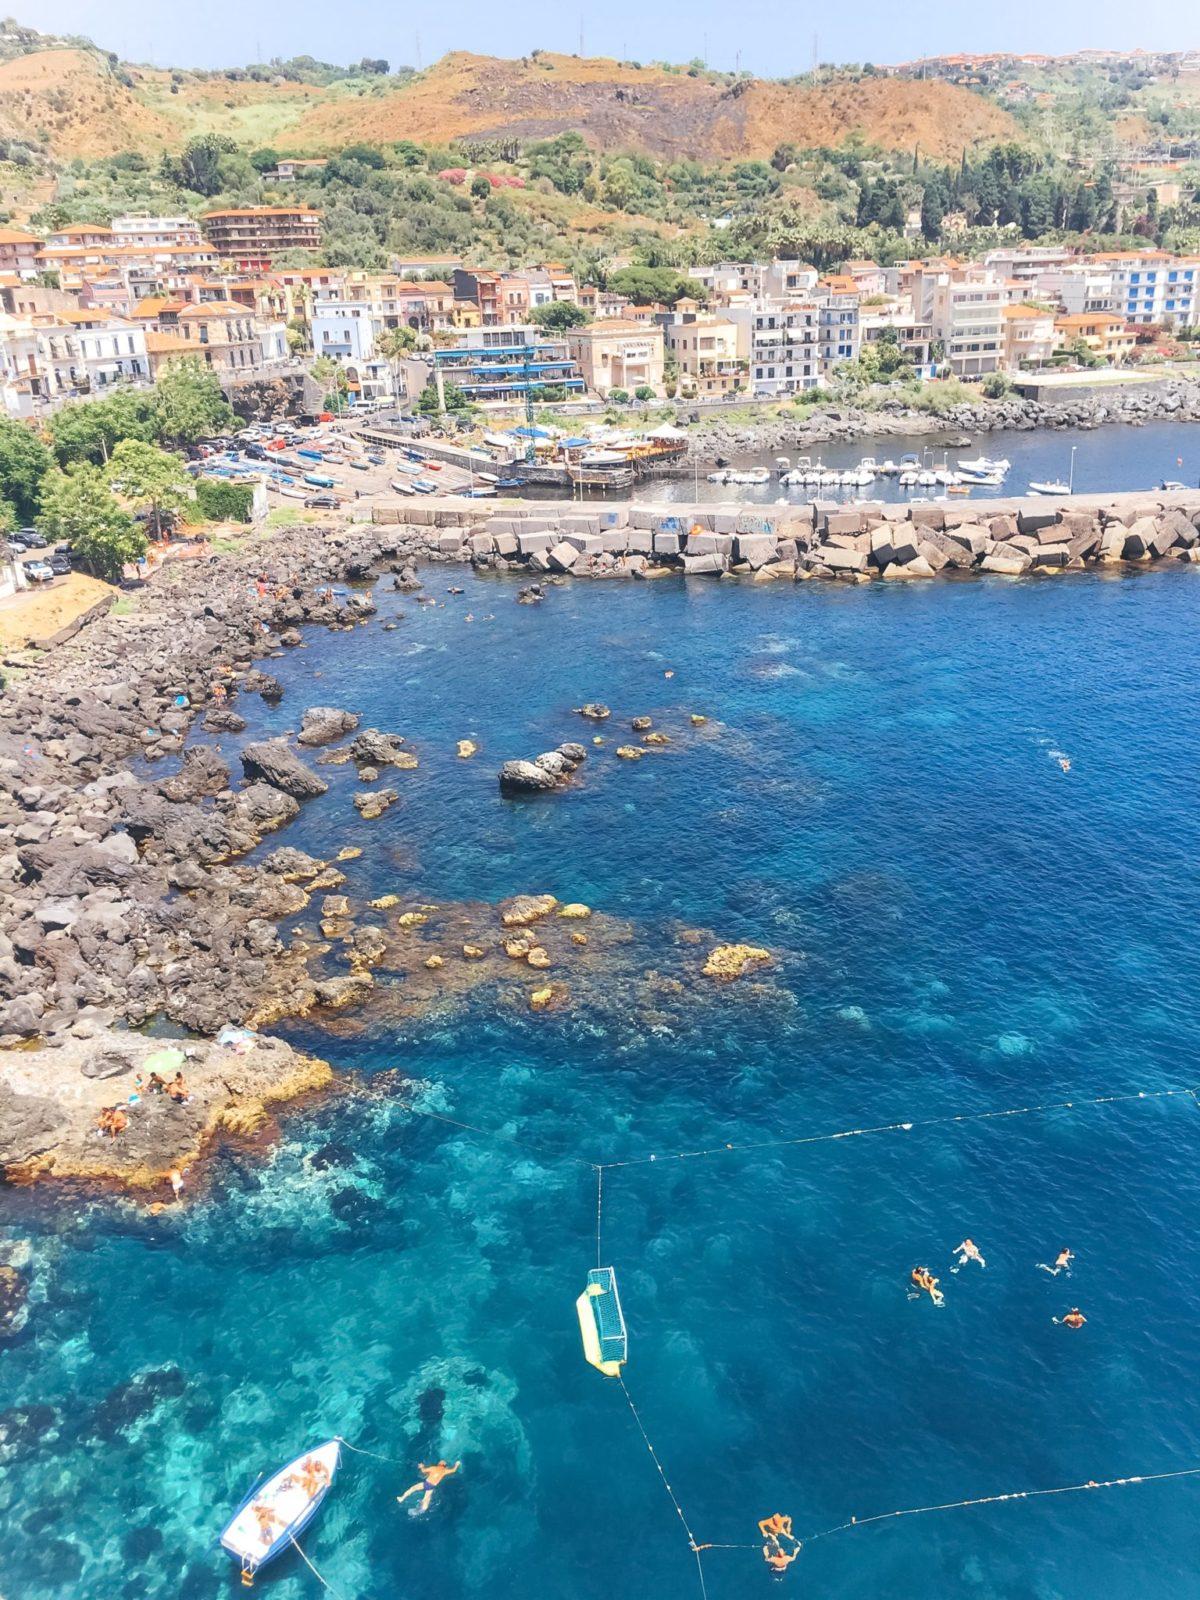 Чистейшая вода на пляже Ачи Кастело, Катания, Сицилия